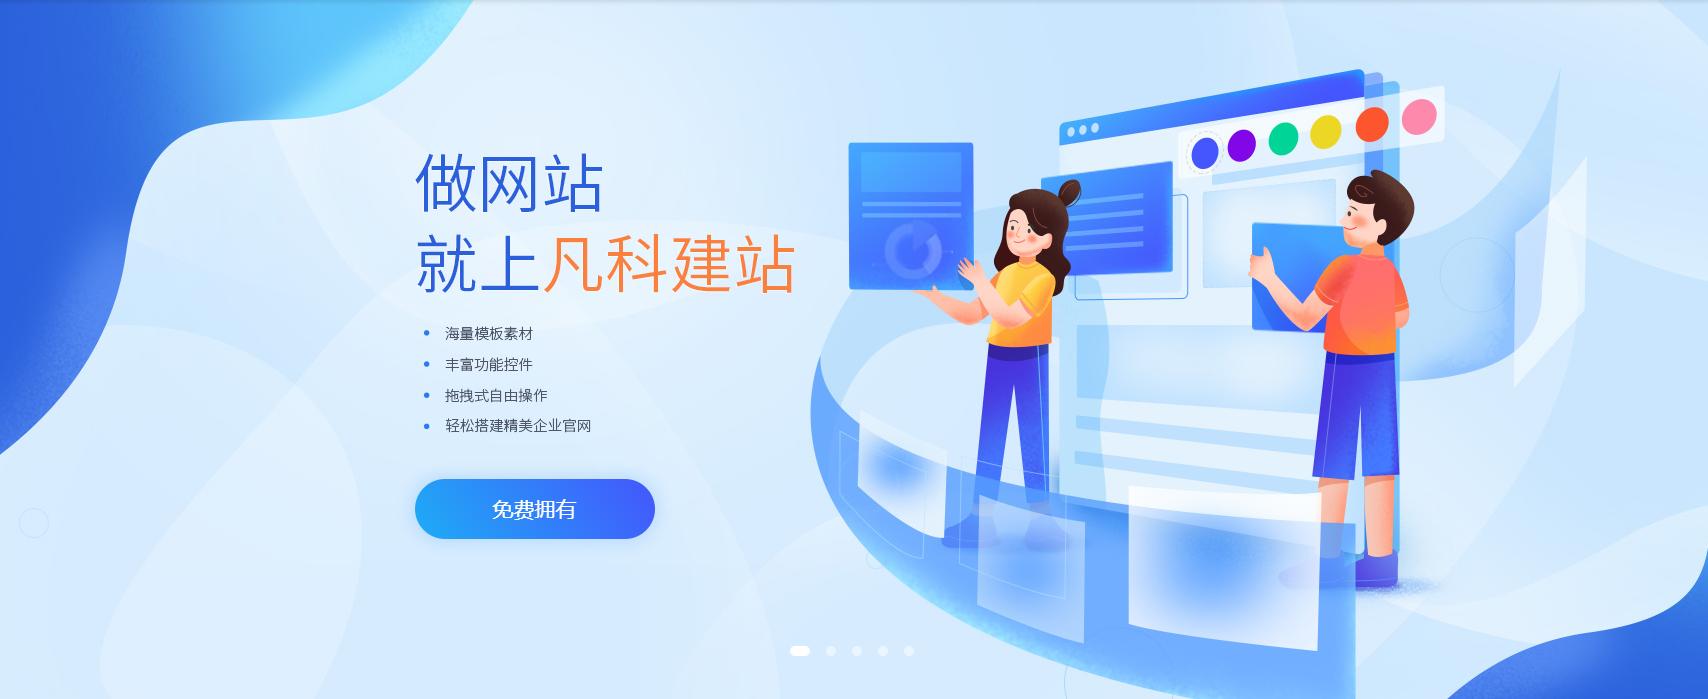 外贸企业网站建设